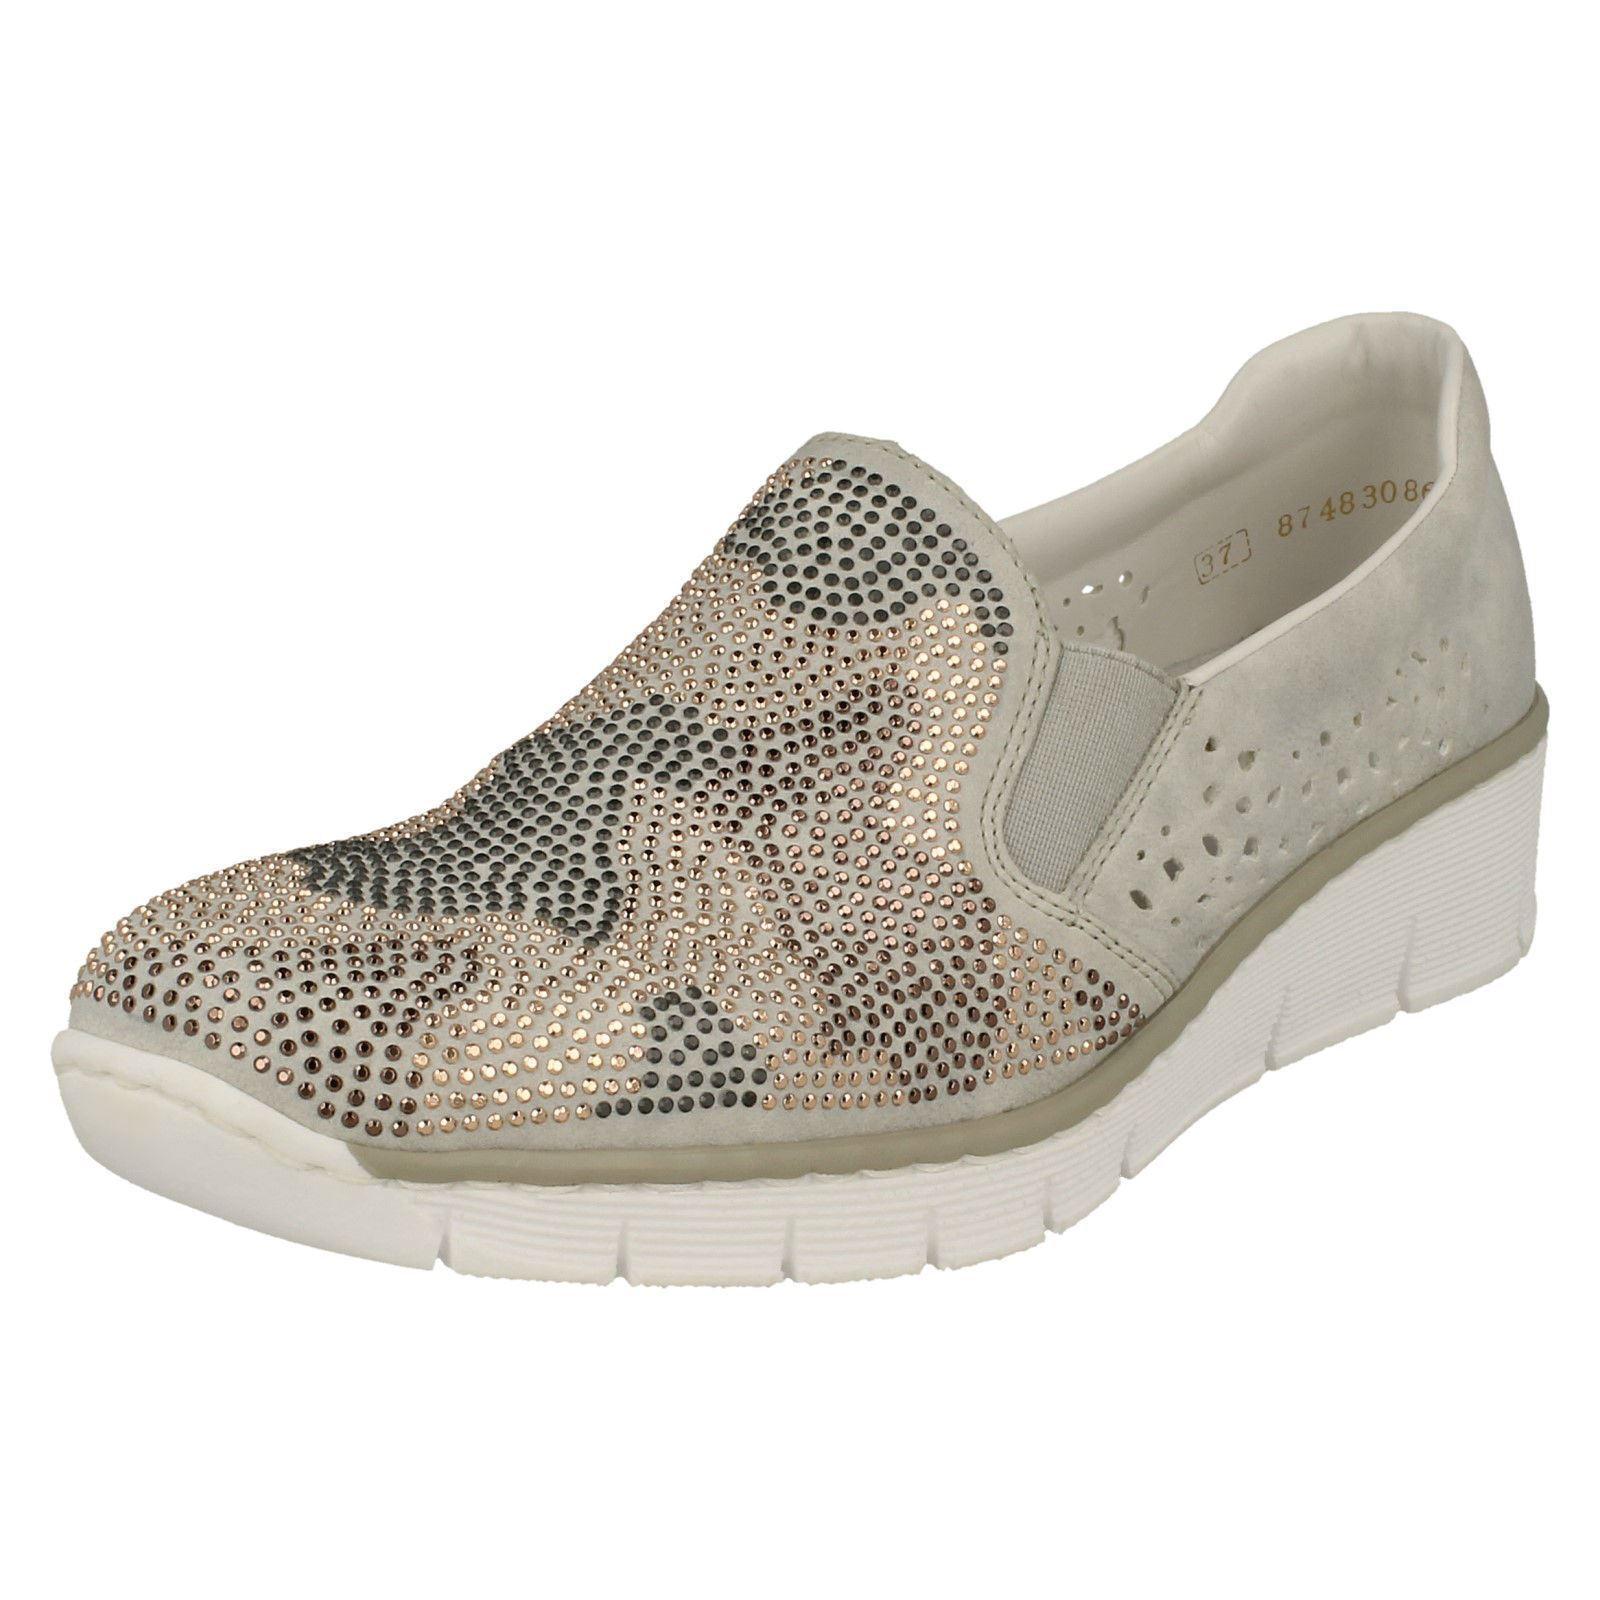 Rieker Damas 537T1 gris Informal Sin Sin Sin Cordones en Zapatos Frontal Metálico  apresurado a ver